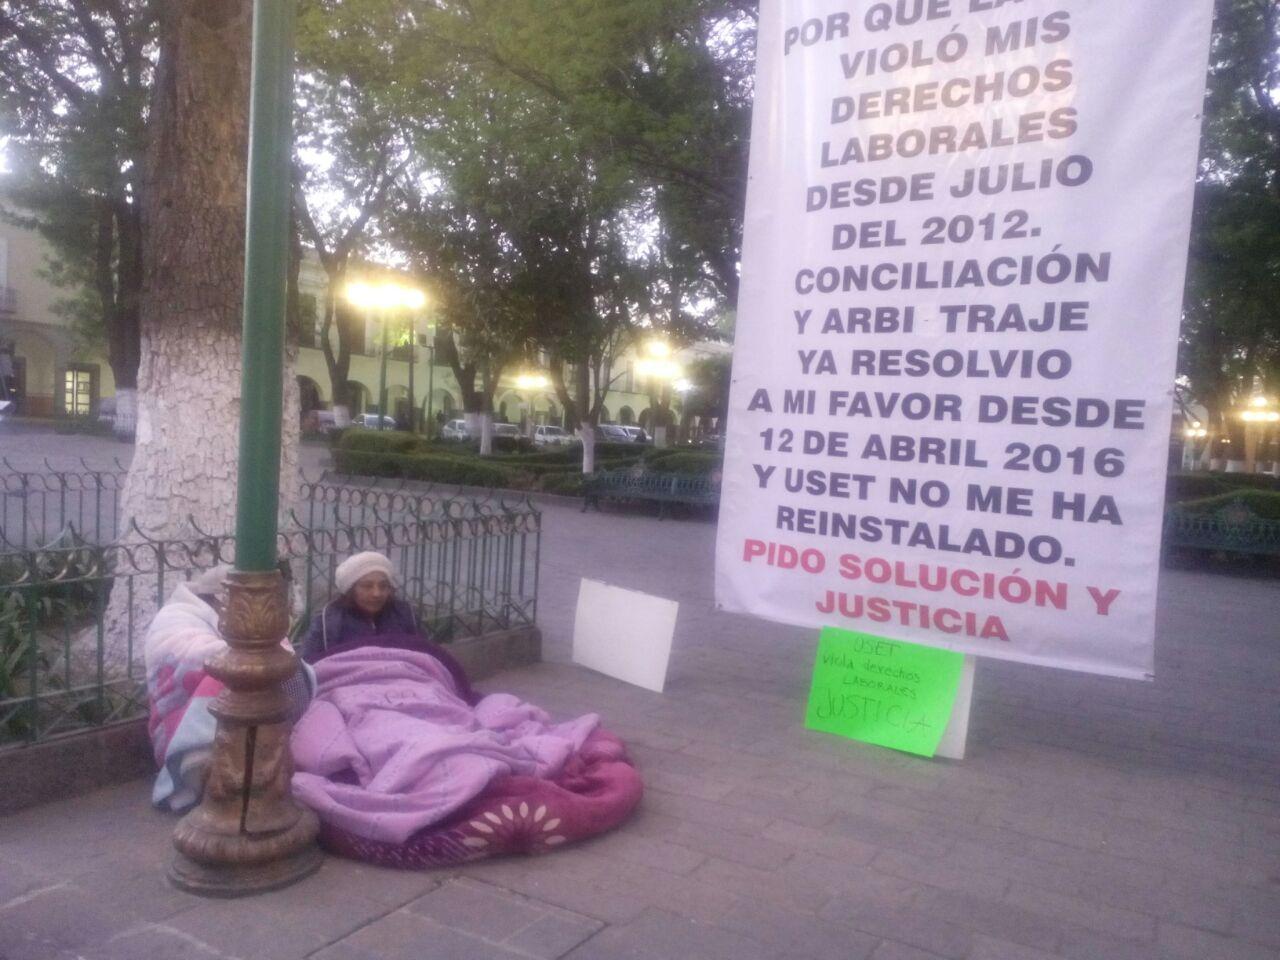 Con temperaturas cercanas a los 0 grados, maestra sigue en huelga de hambre